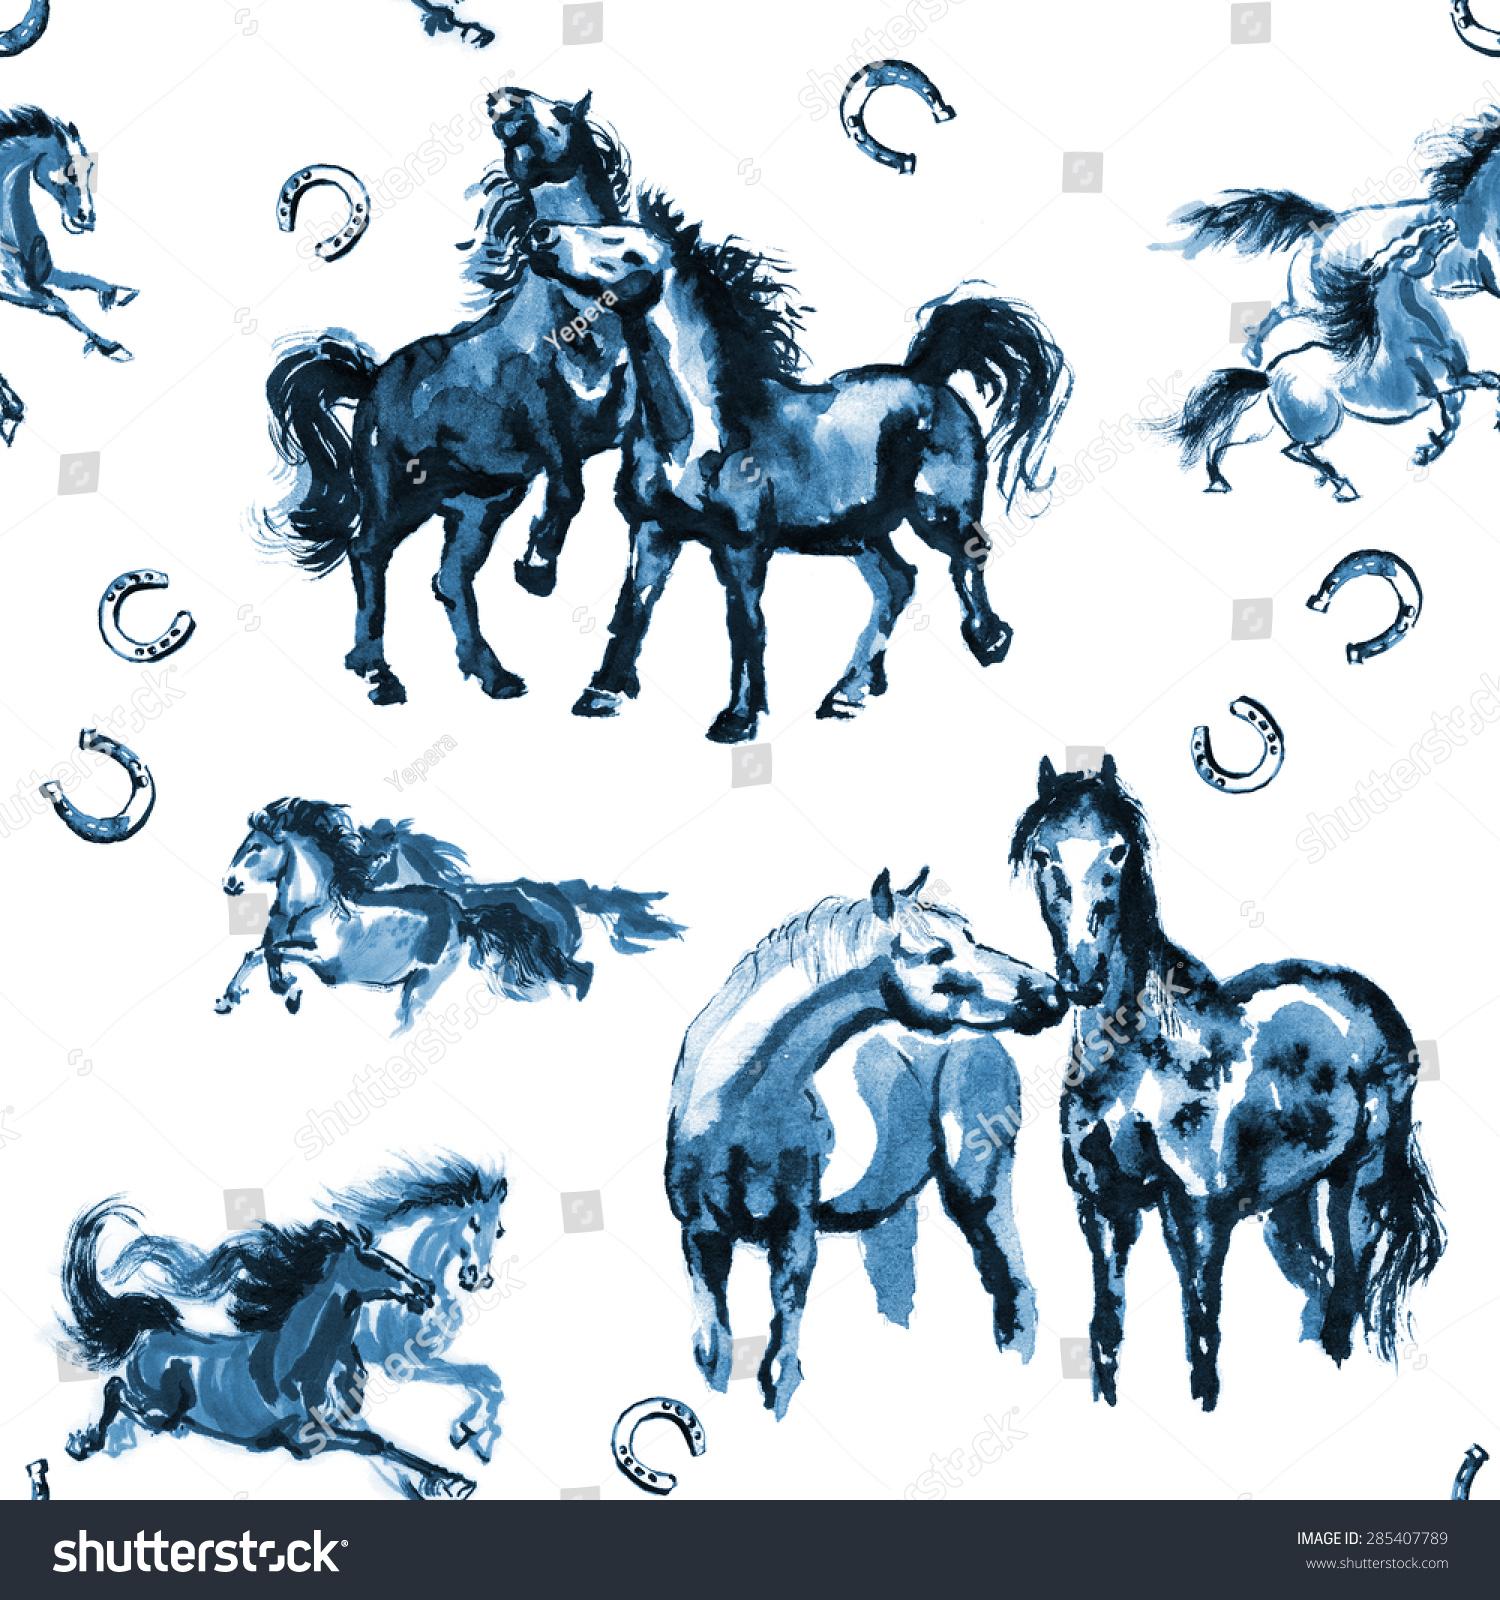 打马和马蹄铁无缝背景纹理,色调以蓝色东方水墨画.